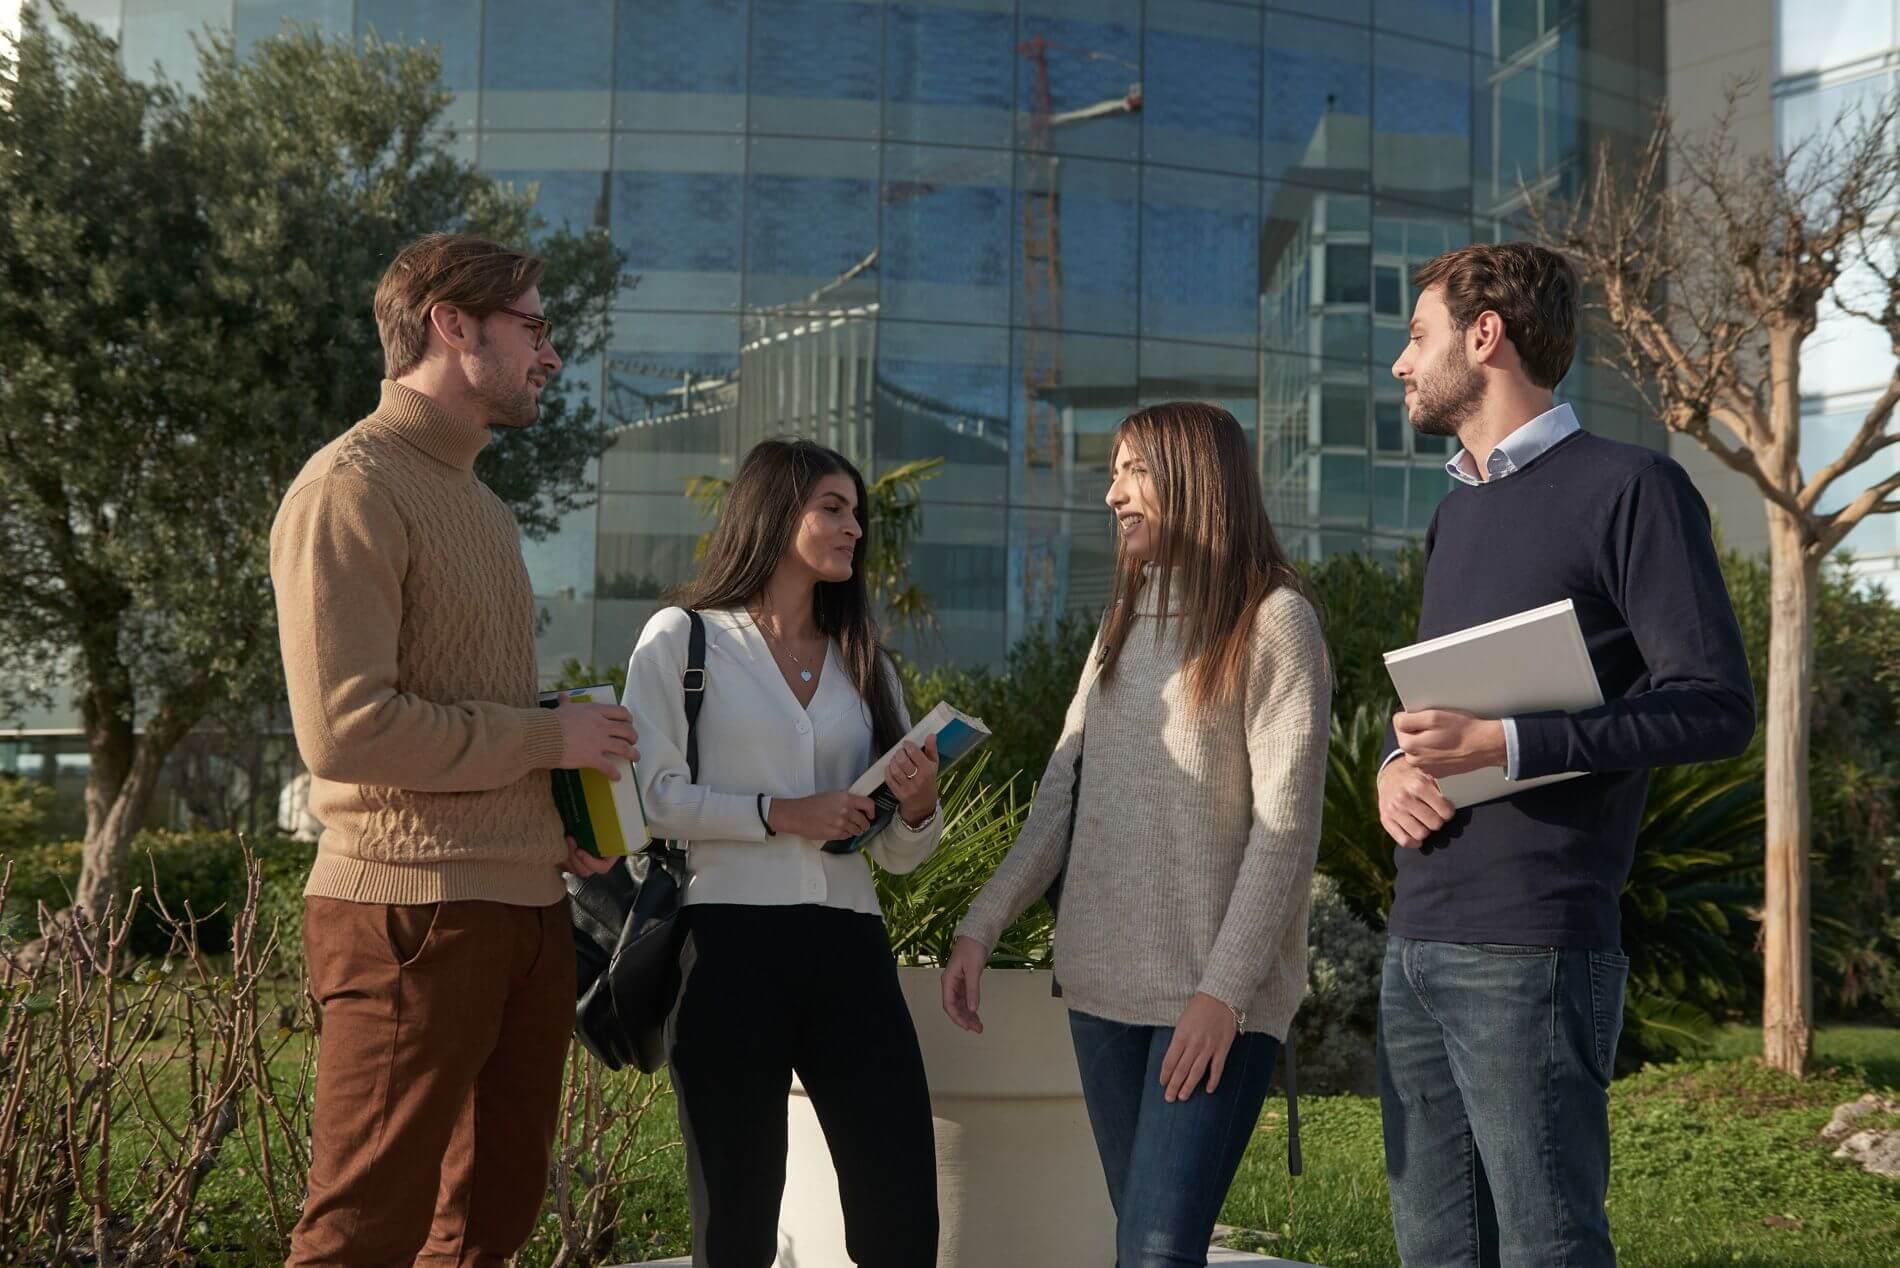 Vita-Salute San Raffaele University: A life-enriching medical degree awaits in Milan